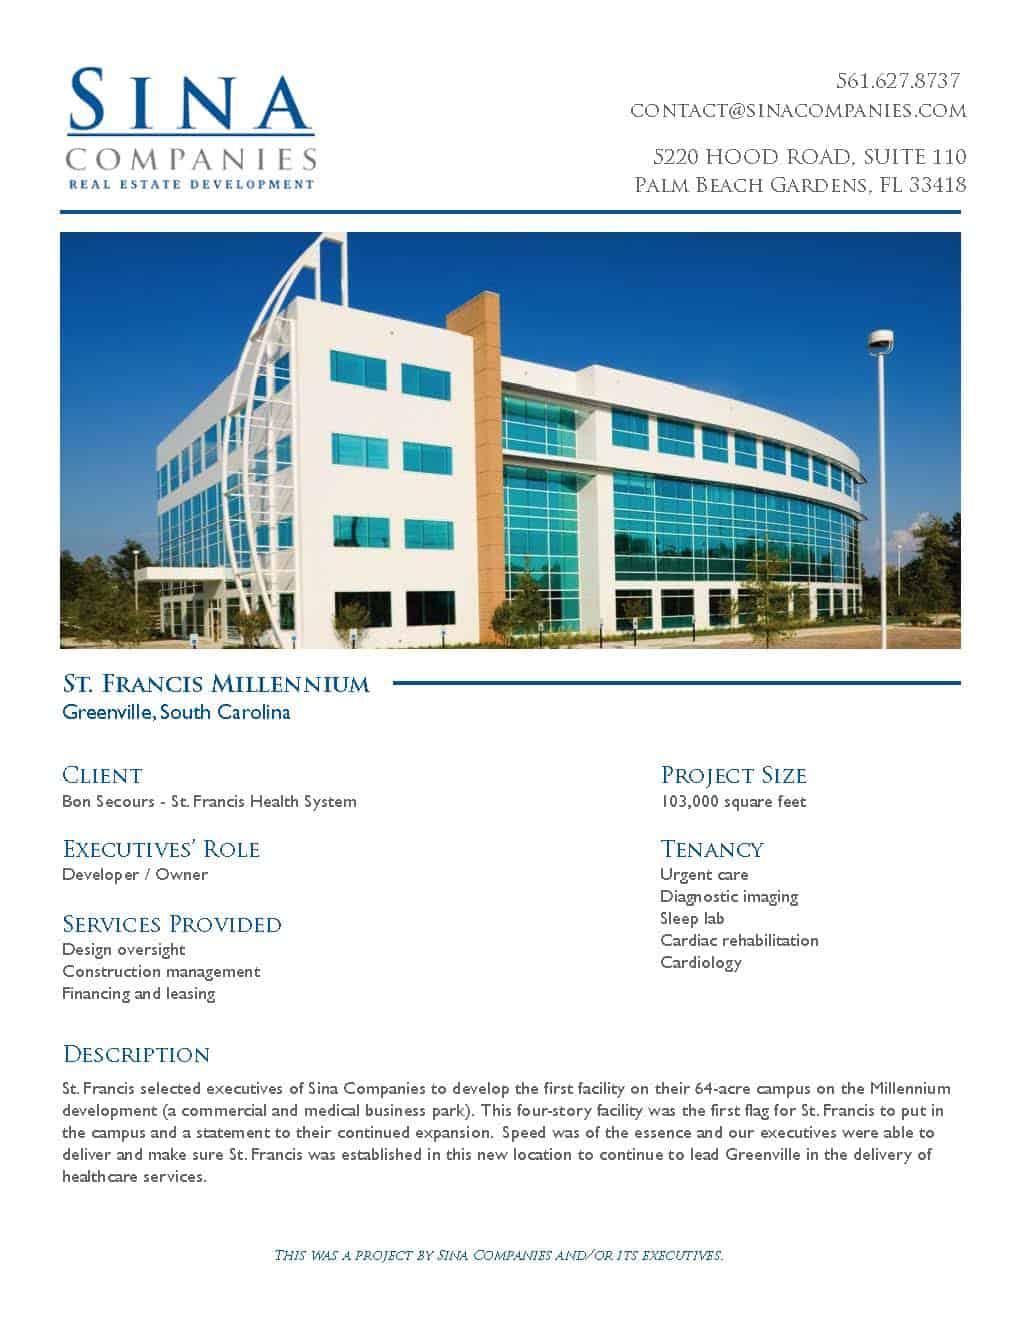 St. Francis Millenium Building Project